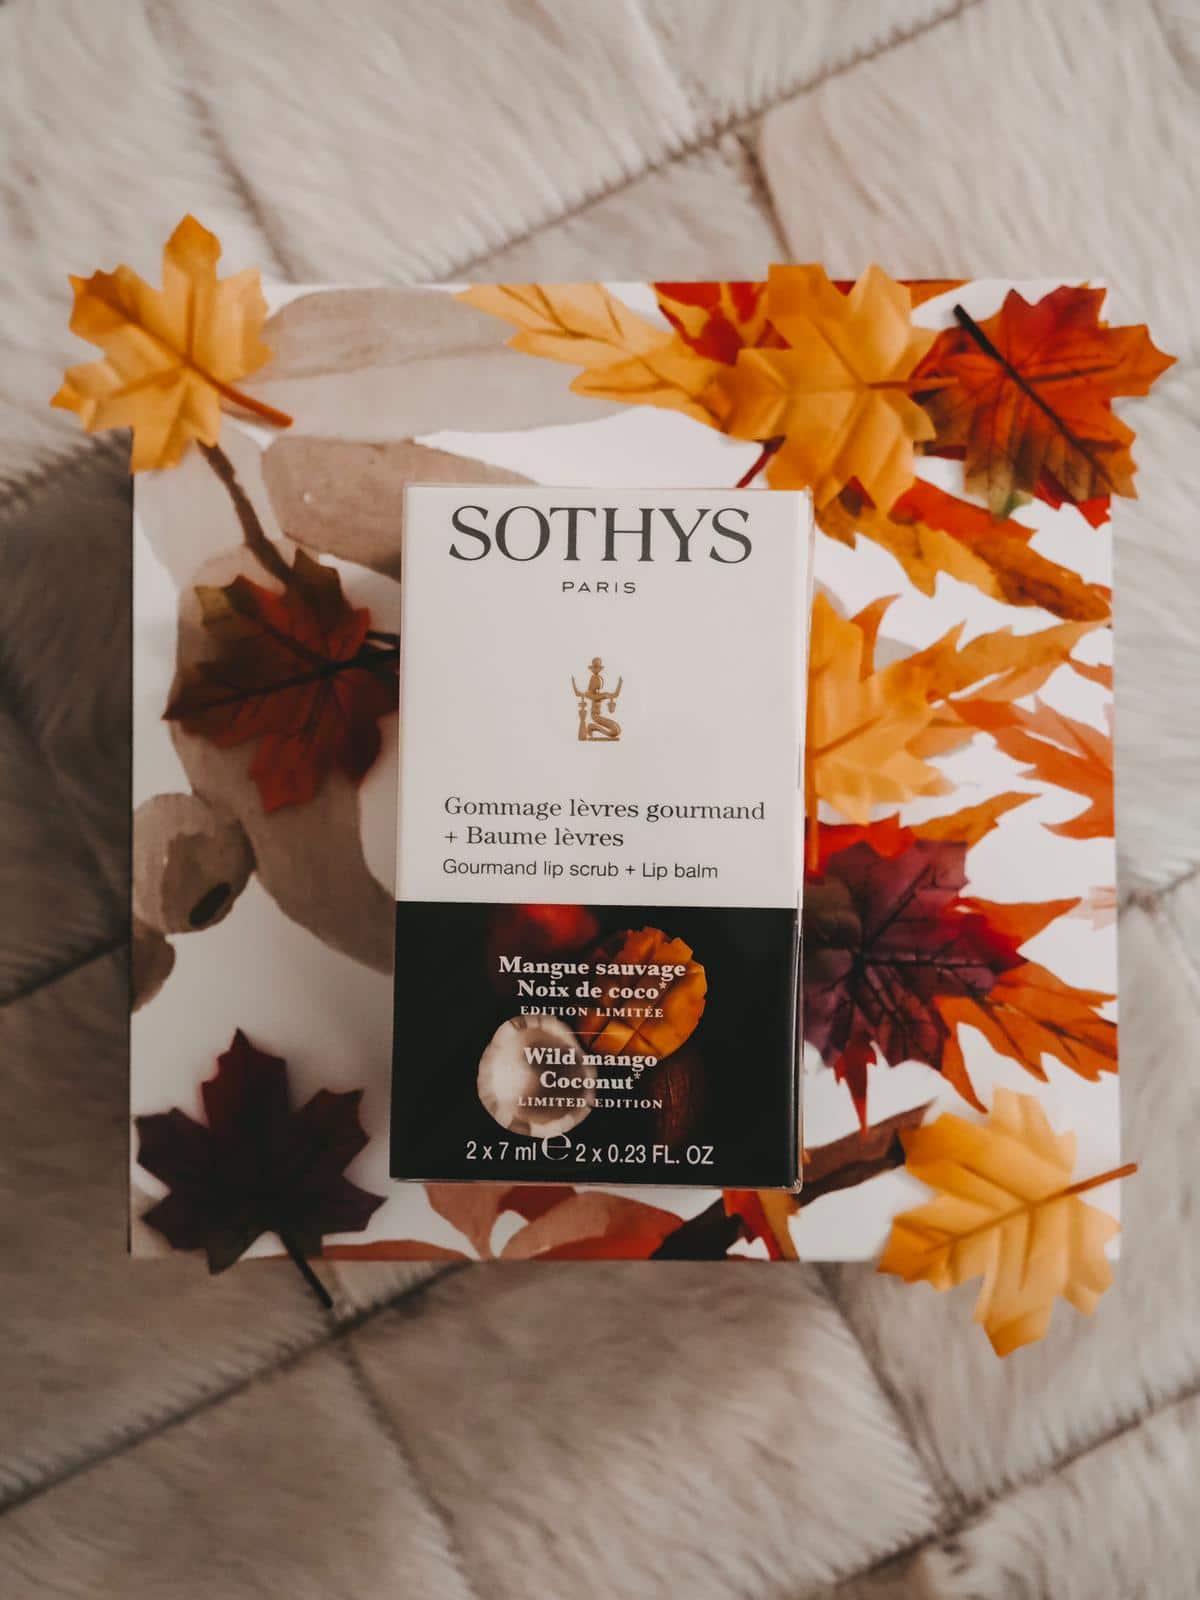 Heute zeige ich auf dem Blog die aktuelle Sothys Box Herbst Edition 2019 mit 7 top Produkten. Außerdem habe ich einen Rabattcode für euch mit satten 5 Euro.